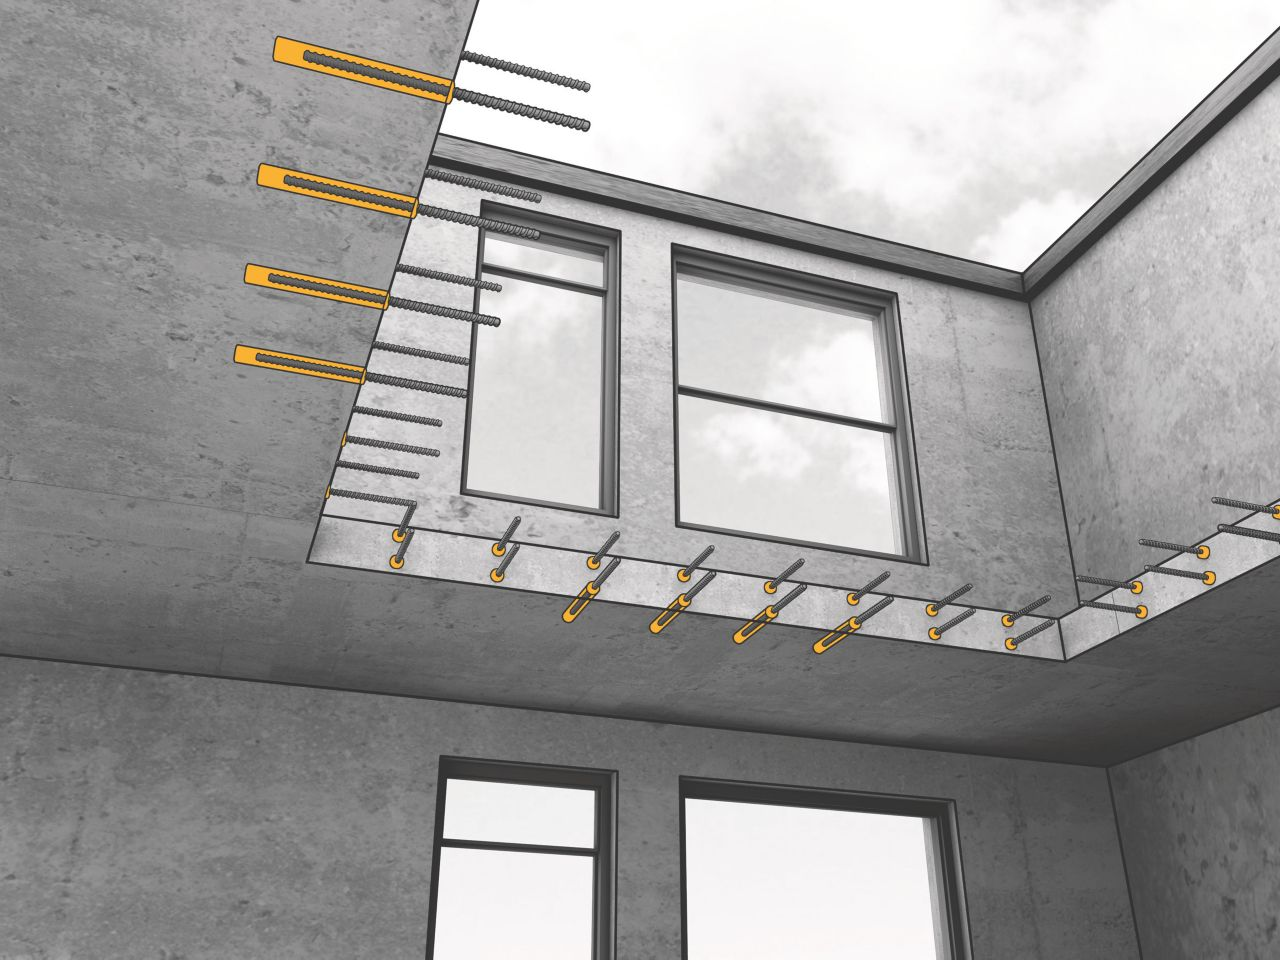 Kemično sidranje v beton nudi očitne prednosti pred mehanskim sidranjem. Preverite, kaj omogočajo izdelki Sika AnchorFix za sidranje v beton.